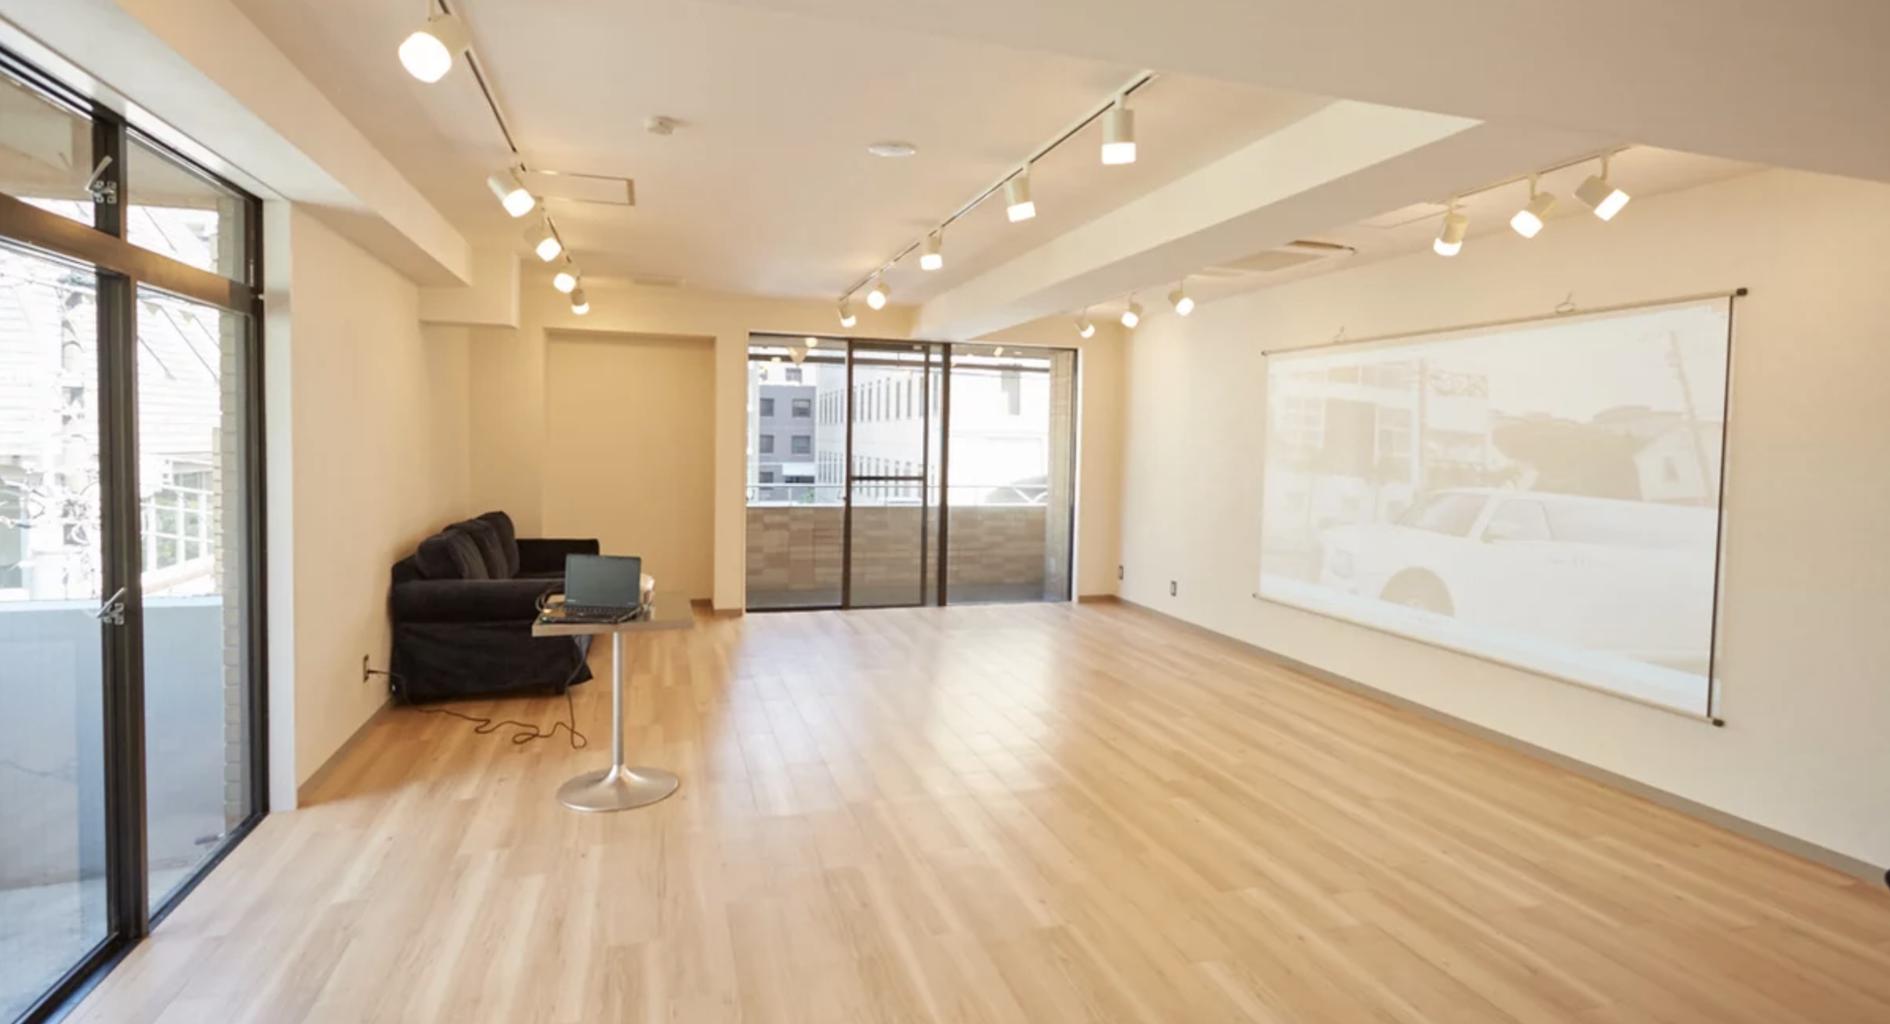 【諏訪市で貸切】プロジェクター完備の貸切パーティースペース・個室